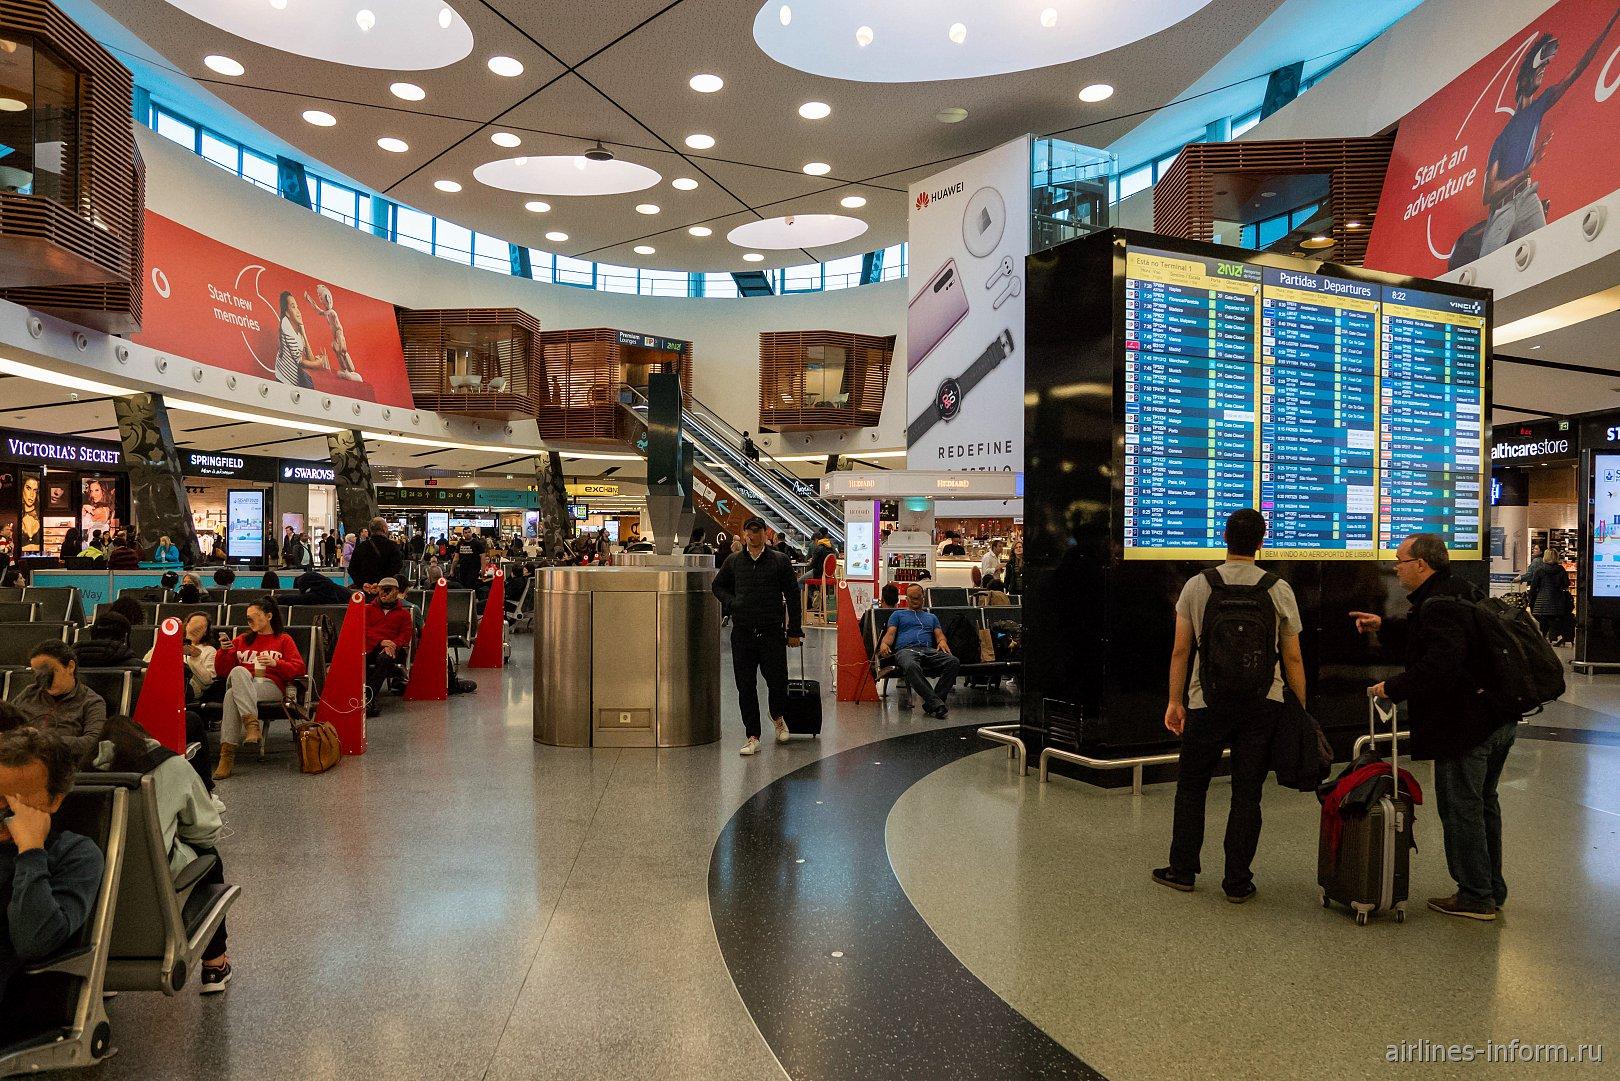 Атриум в торговой зоне Терминала 1 аэропорта Лиссабона